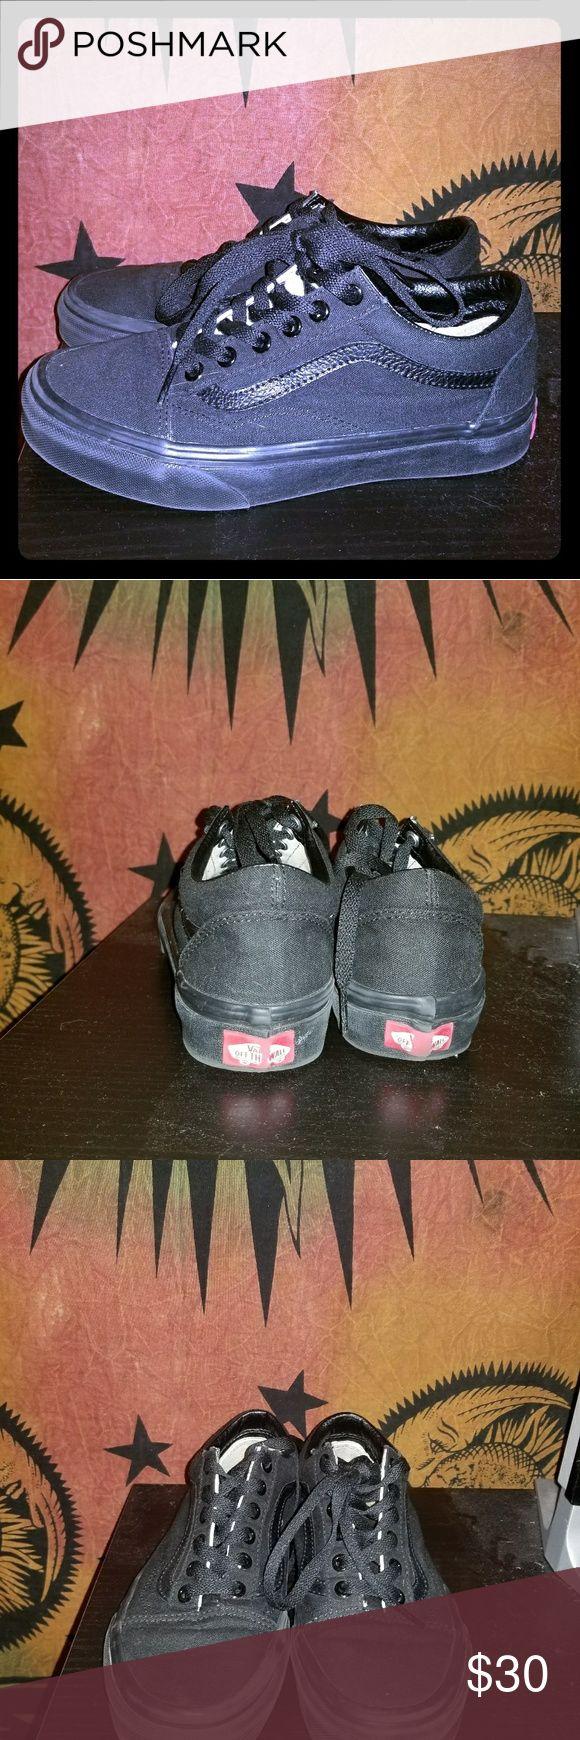 Black old skool vans All black vans Shoes Sneakers